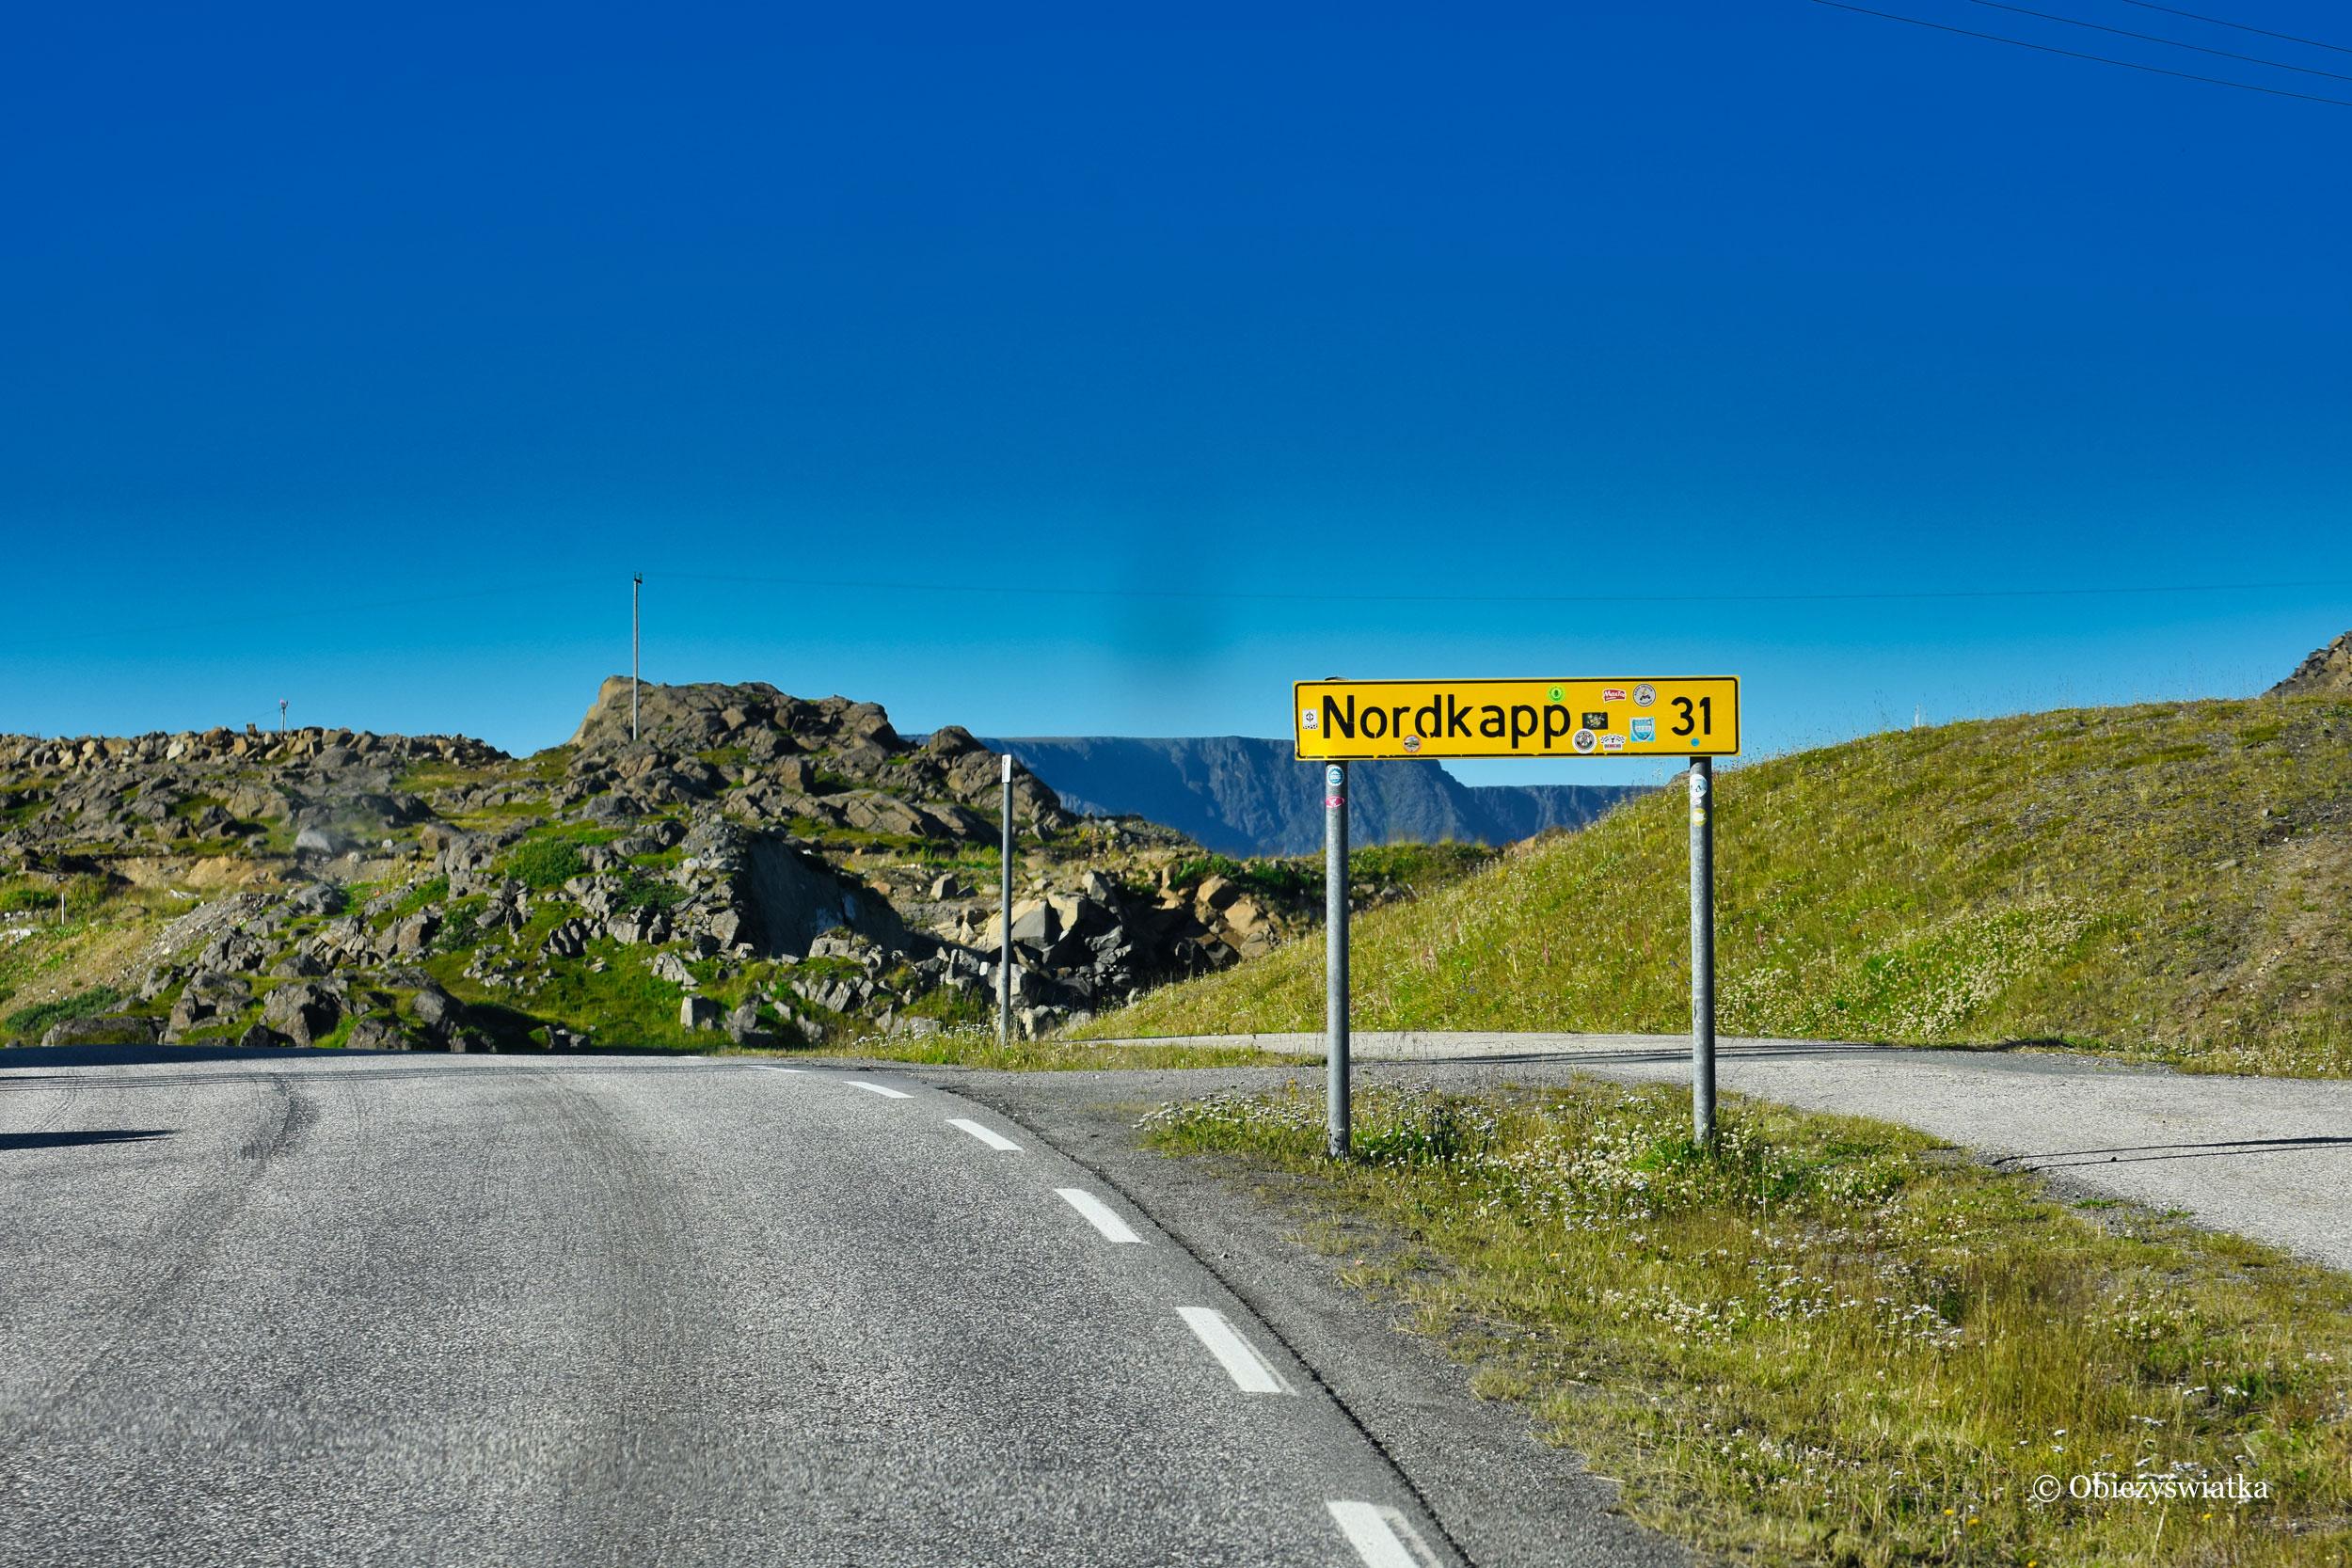 Jeszcze tylko 31 kilometrów do Nordkappu, Norwegia